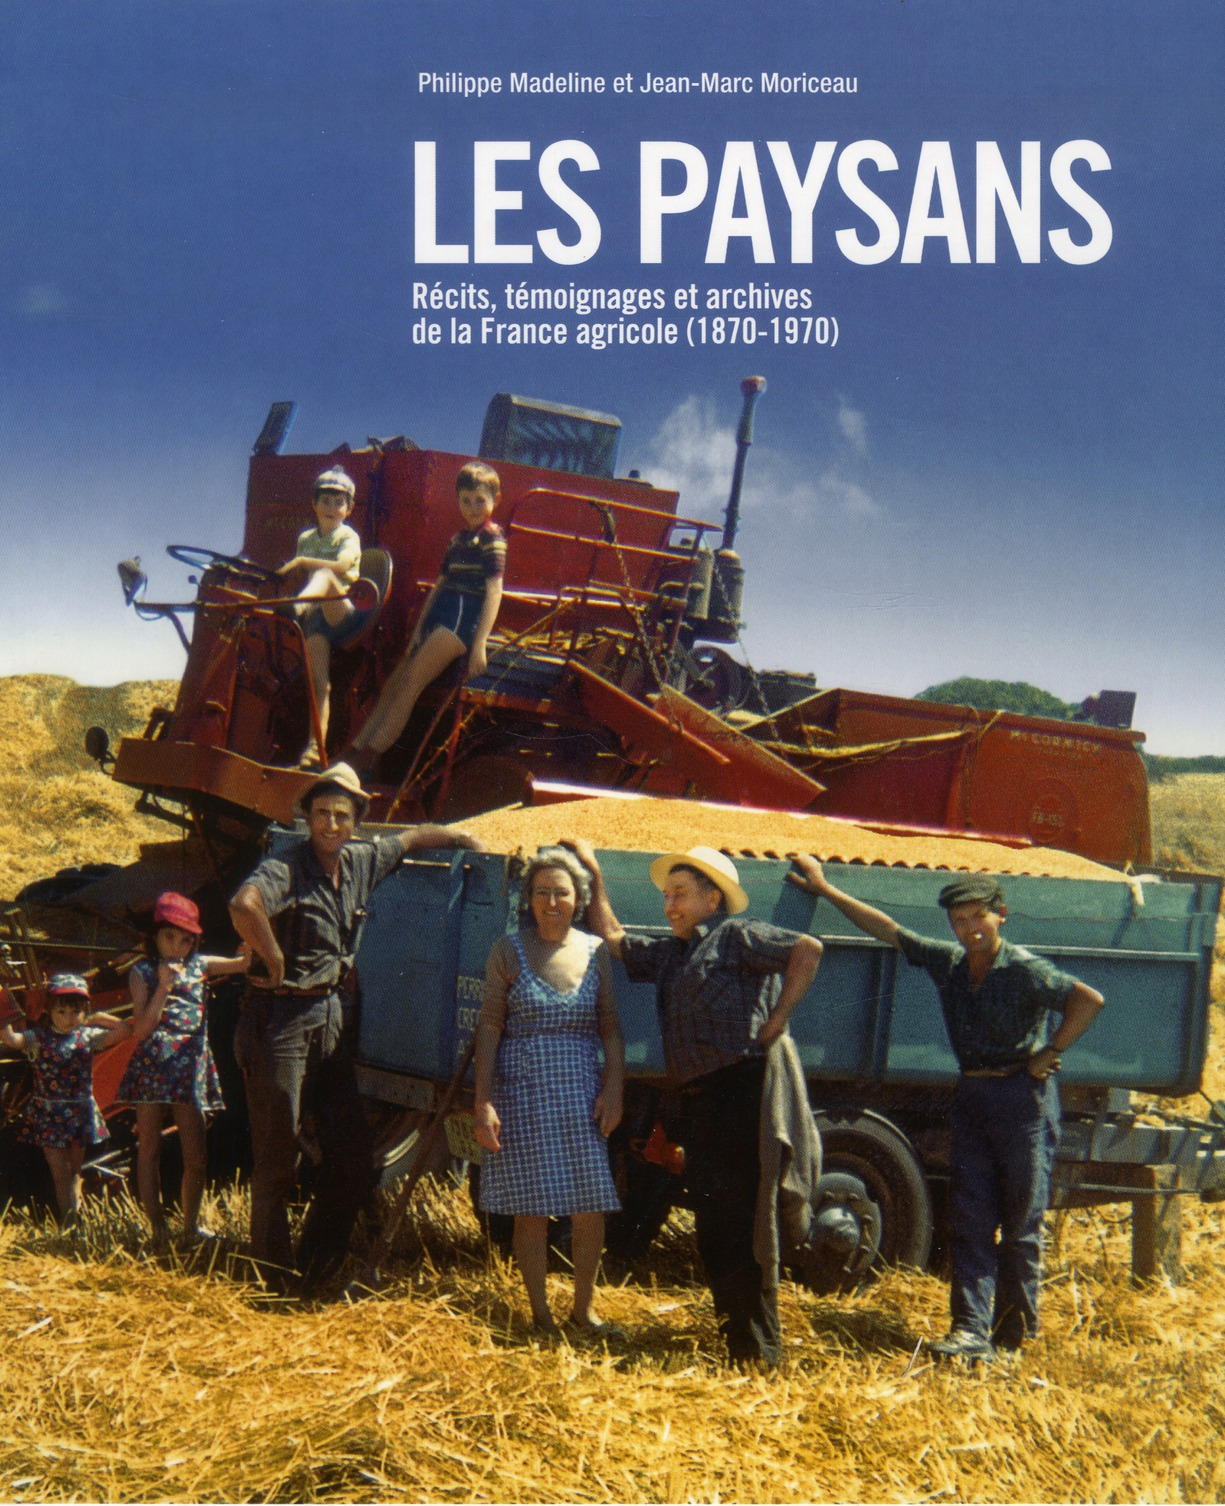 Les paysans ; récits, témoignages et archives de la France agricole (1870-1970)